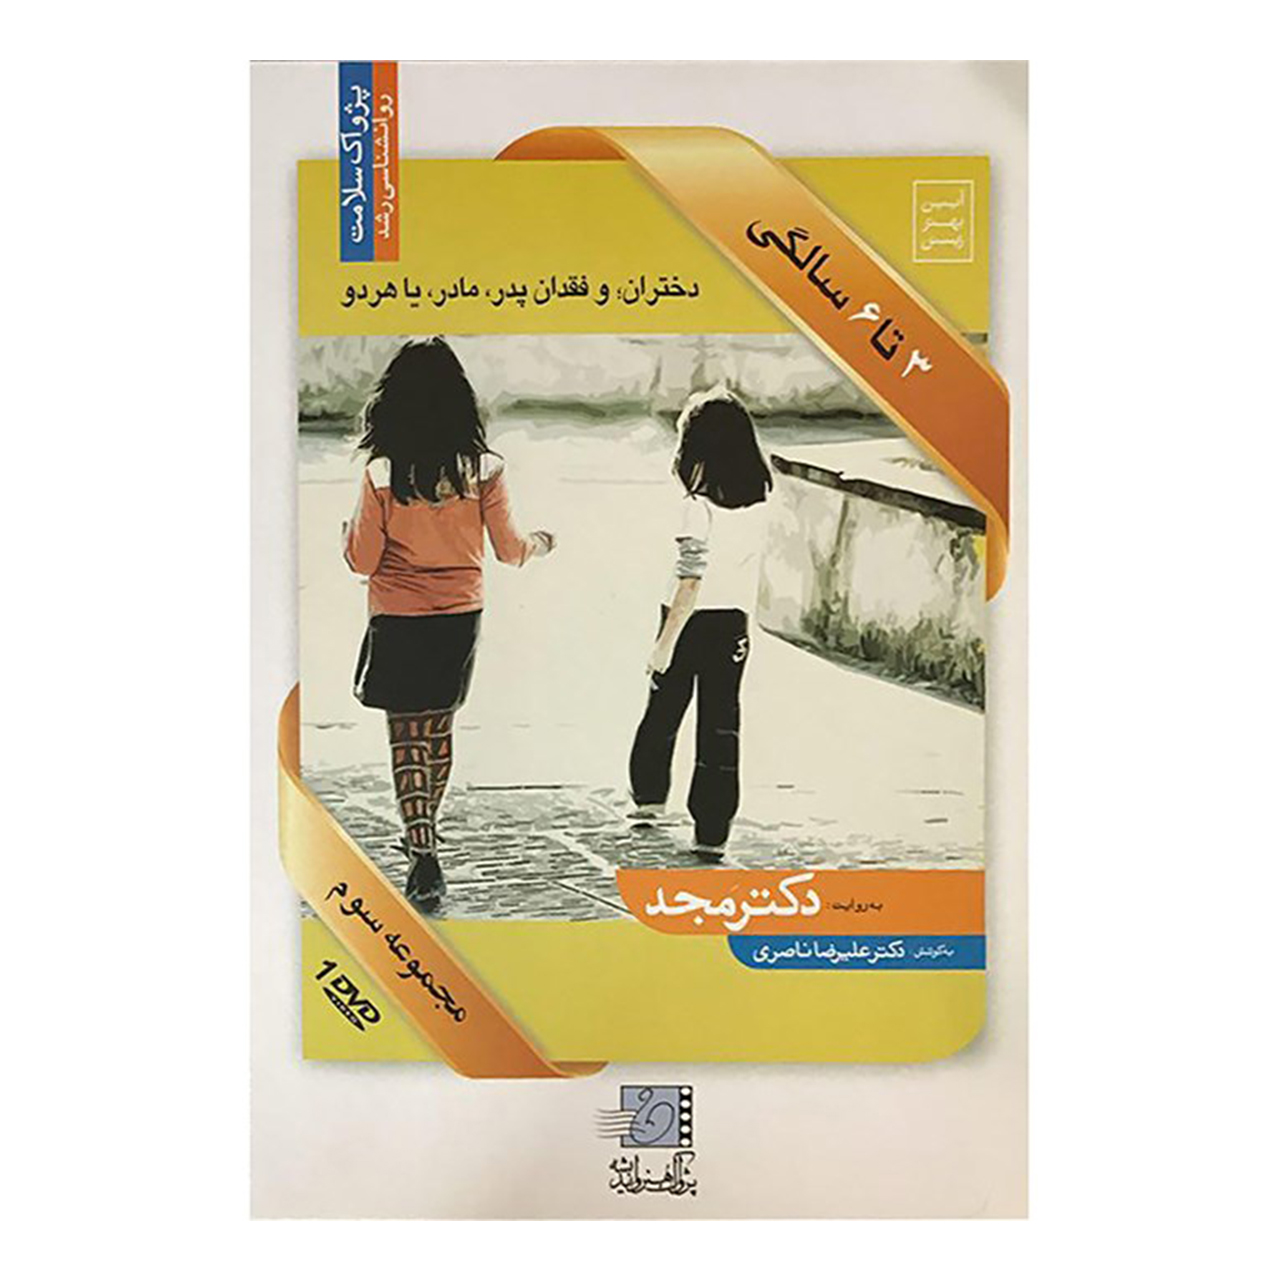 فیلم آموزشی 3 تا 6 سالگی اثر محمد مجد مجموعه سوم